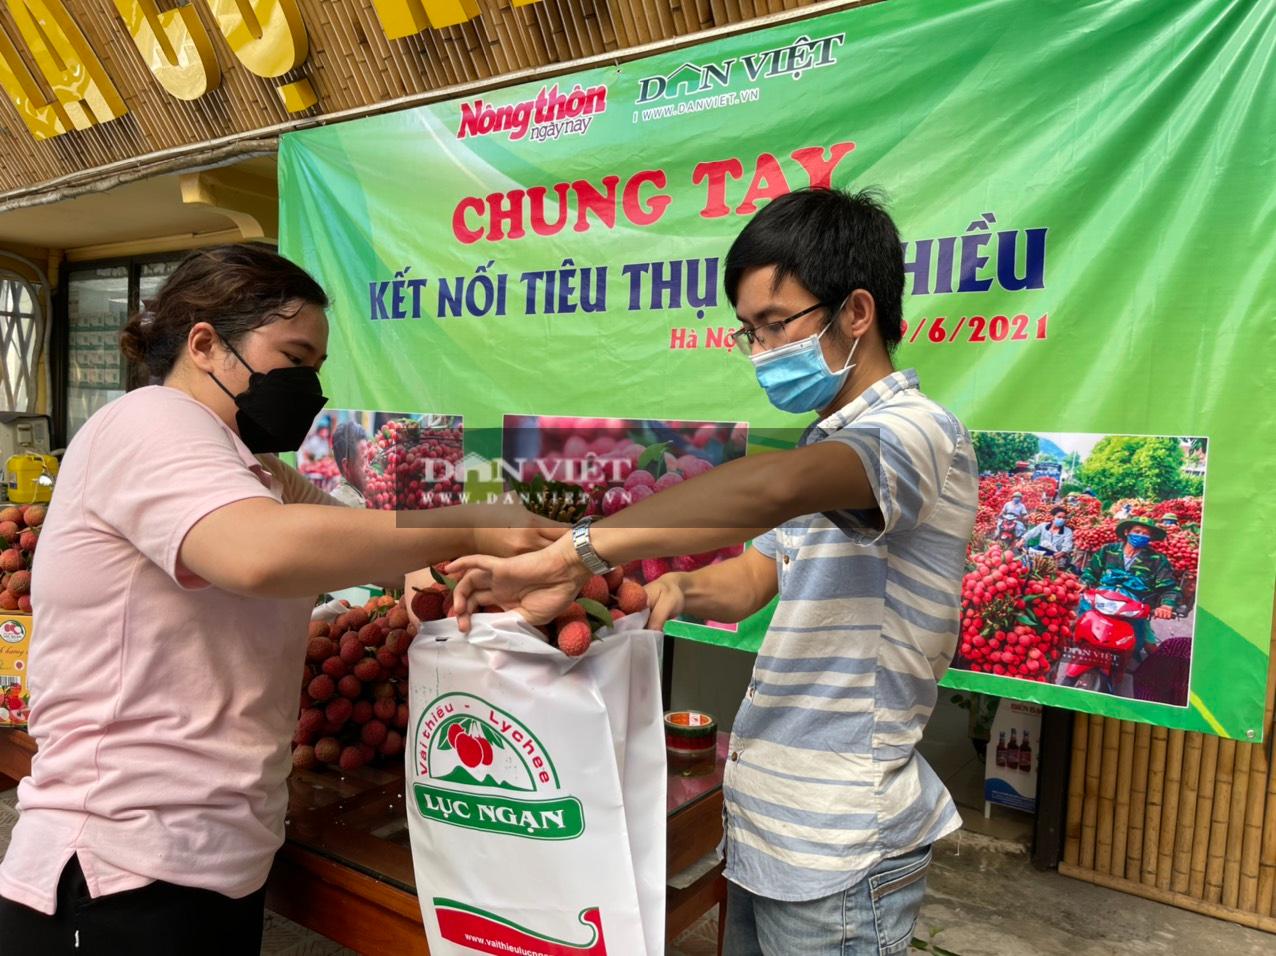 Vải thiều Lục Ngạn đã có mặt tại Trung tâm kết nối tiêu thụ nông sản Báo NTNN/ Điện tử Dân Việt - Ảnh 9.